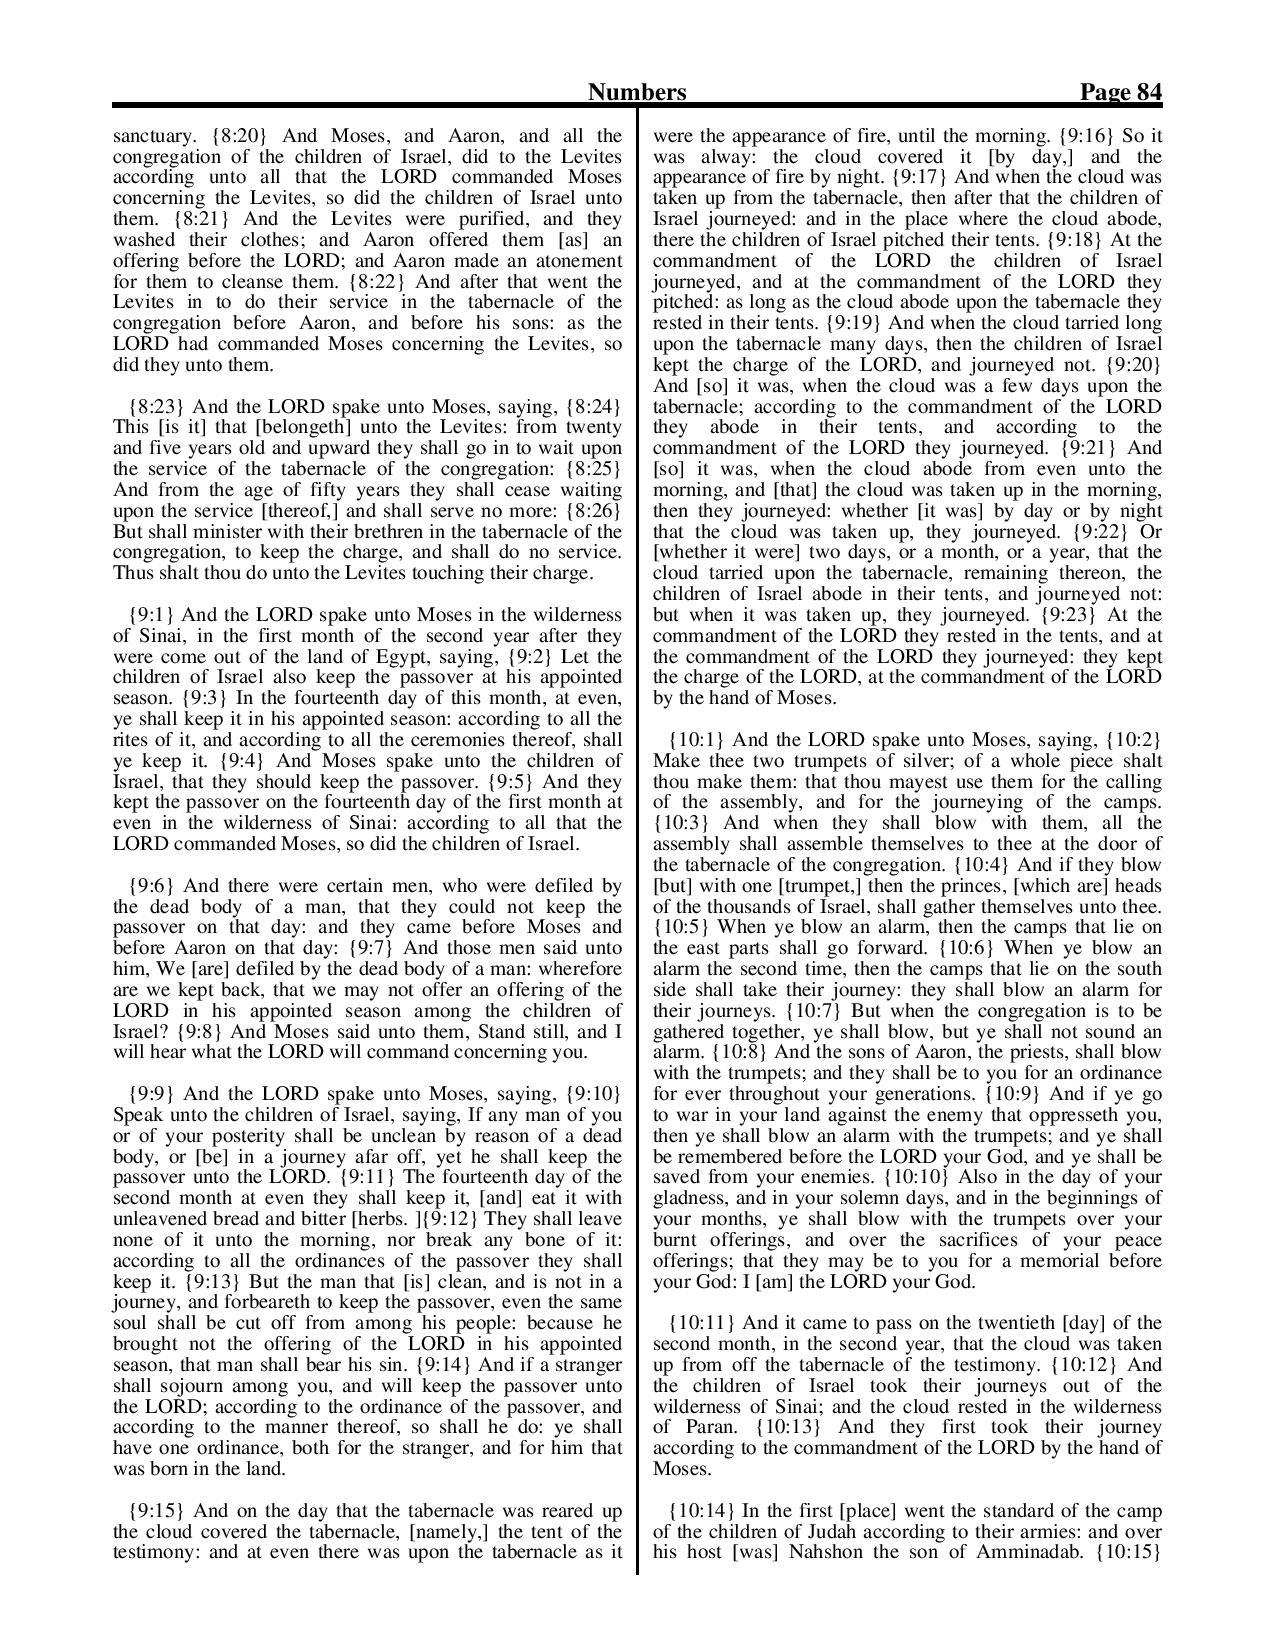 King-James-Bible-KJV-Bible-PDF-page-105